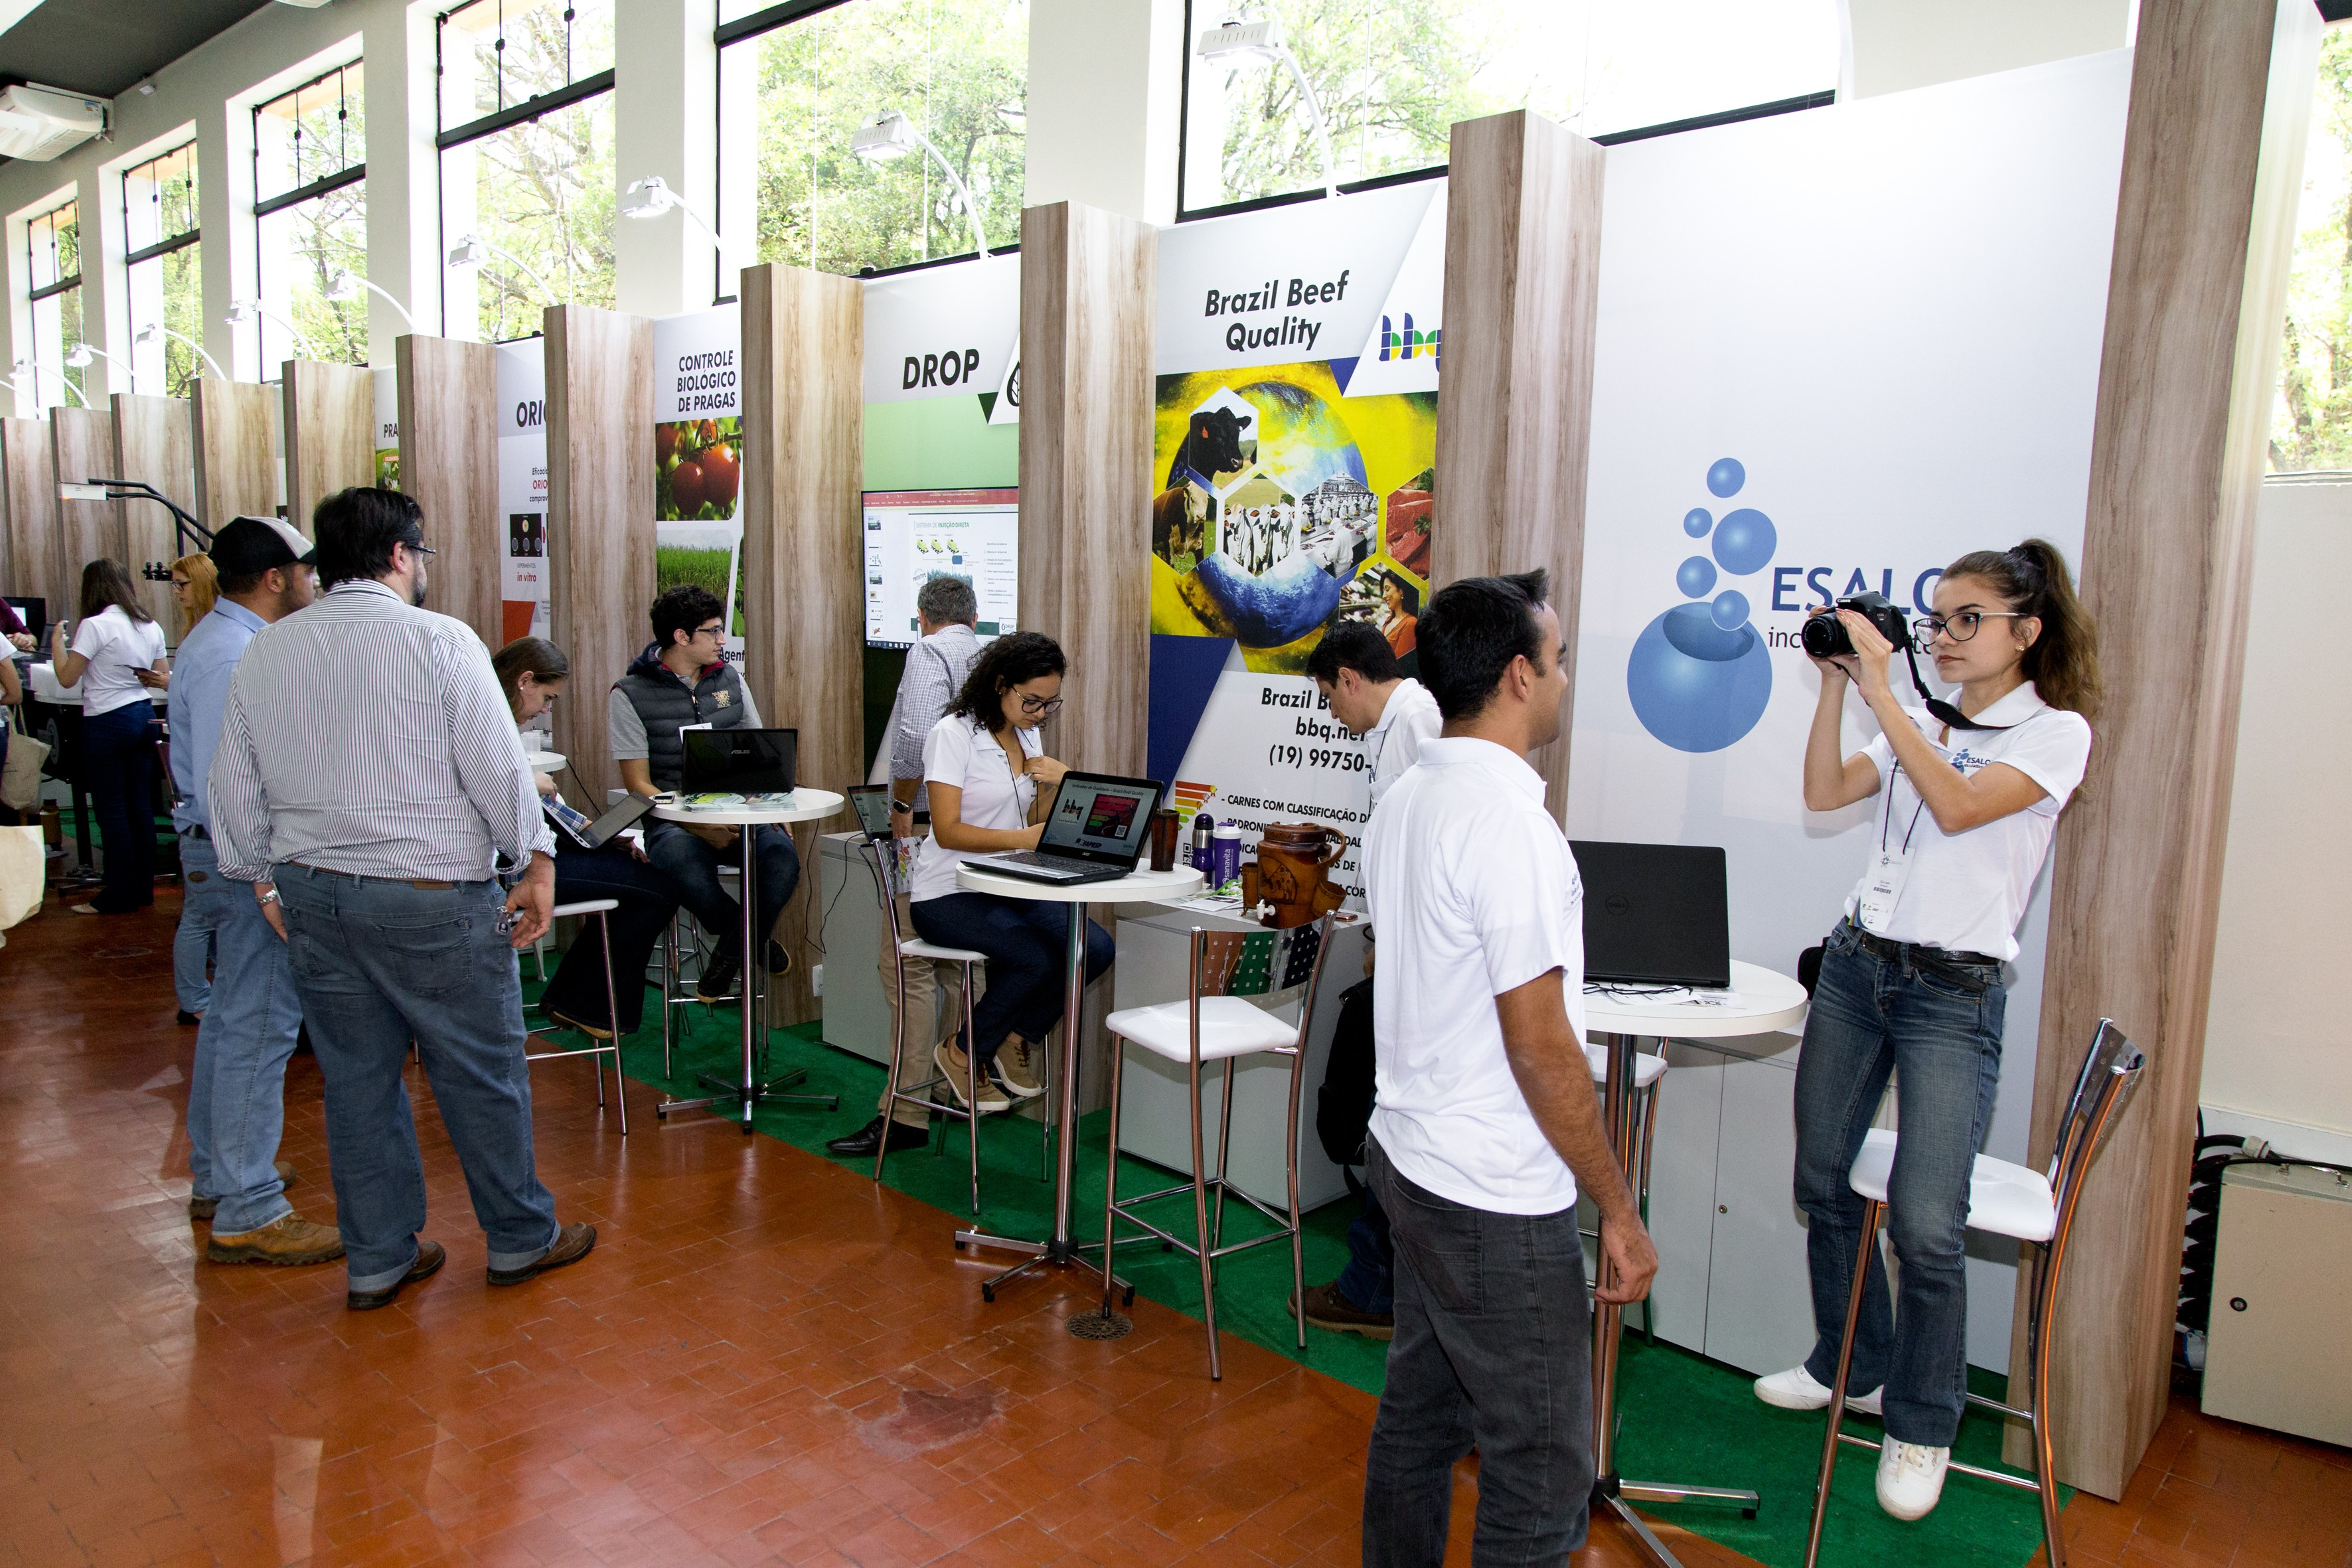 Esalqshow discute desafios e oportunidades do agronegócio em Piracicaba; inscrições abertas - Notícias - Plantão Diário